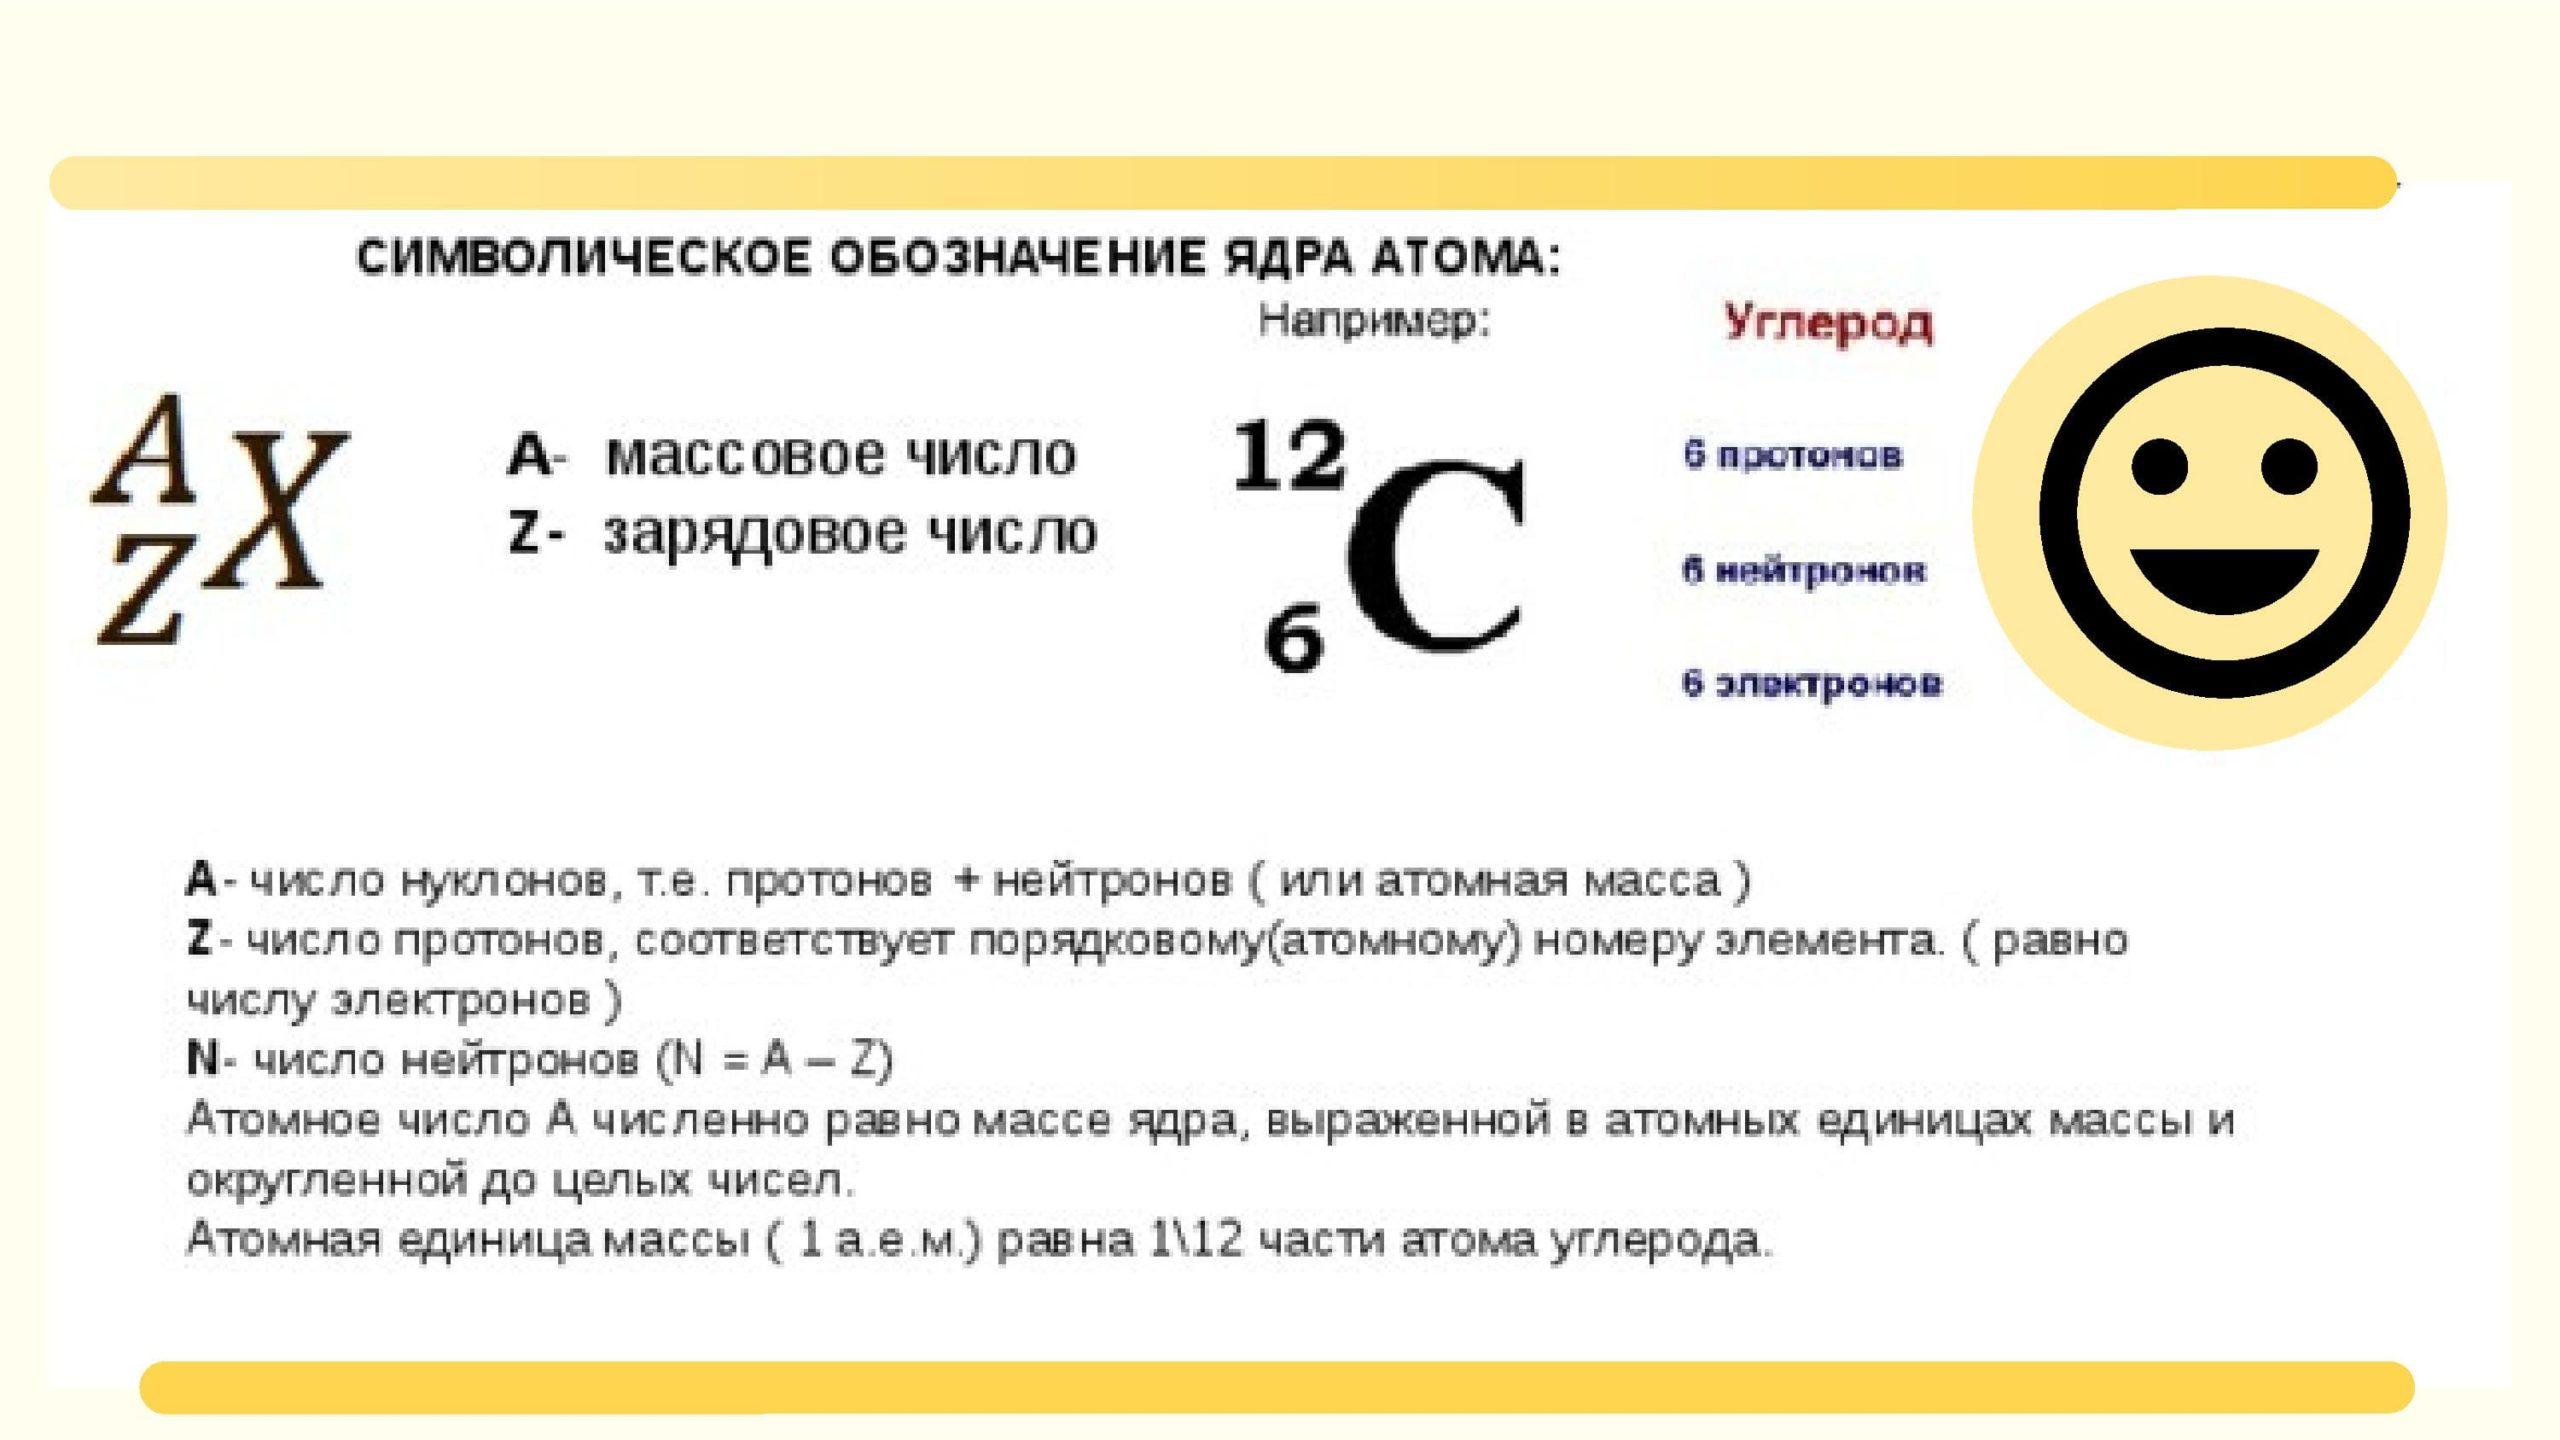 Символическое обозначение ядра атома